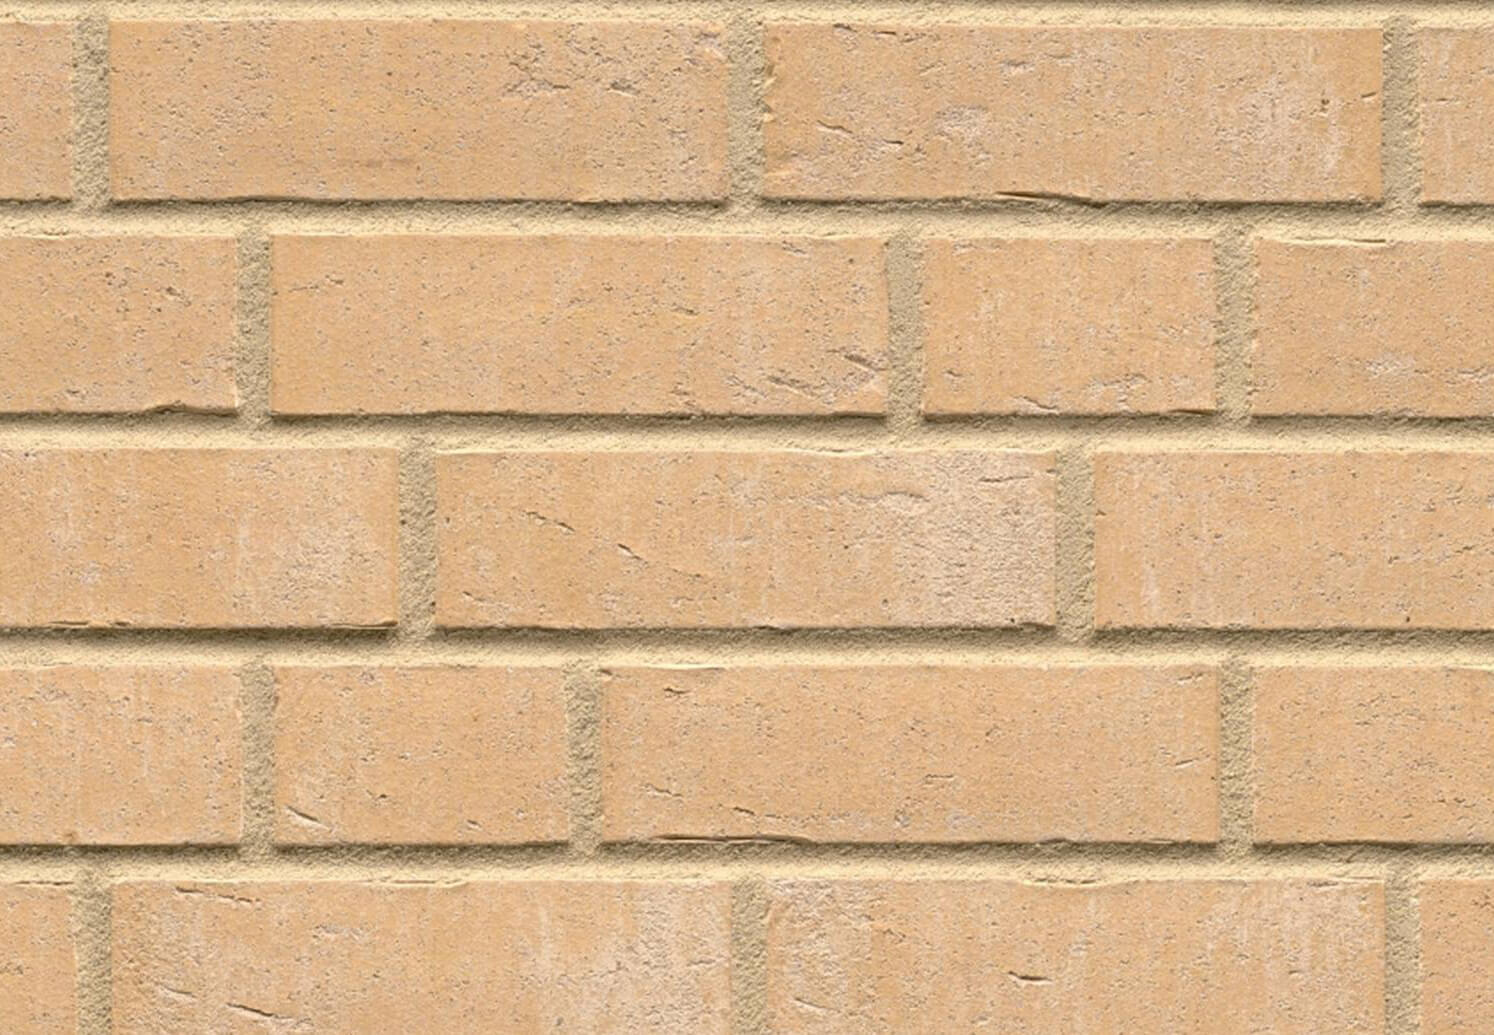 Плитка для фасада и внутренней отделки Feldhaus Klinker, VASCU, R762NF14, поверхность Wasserstrich, sabiosa blanca